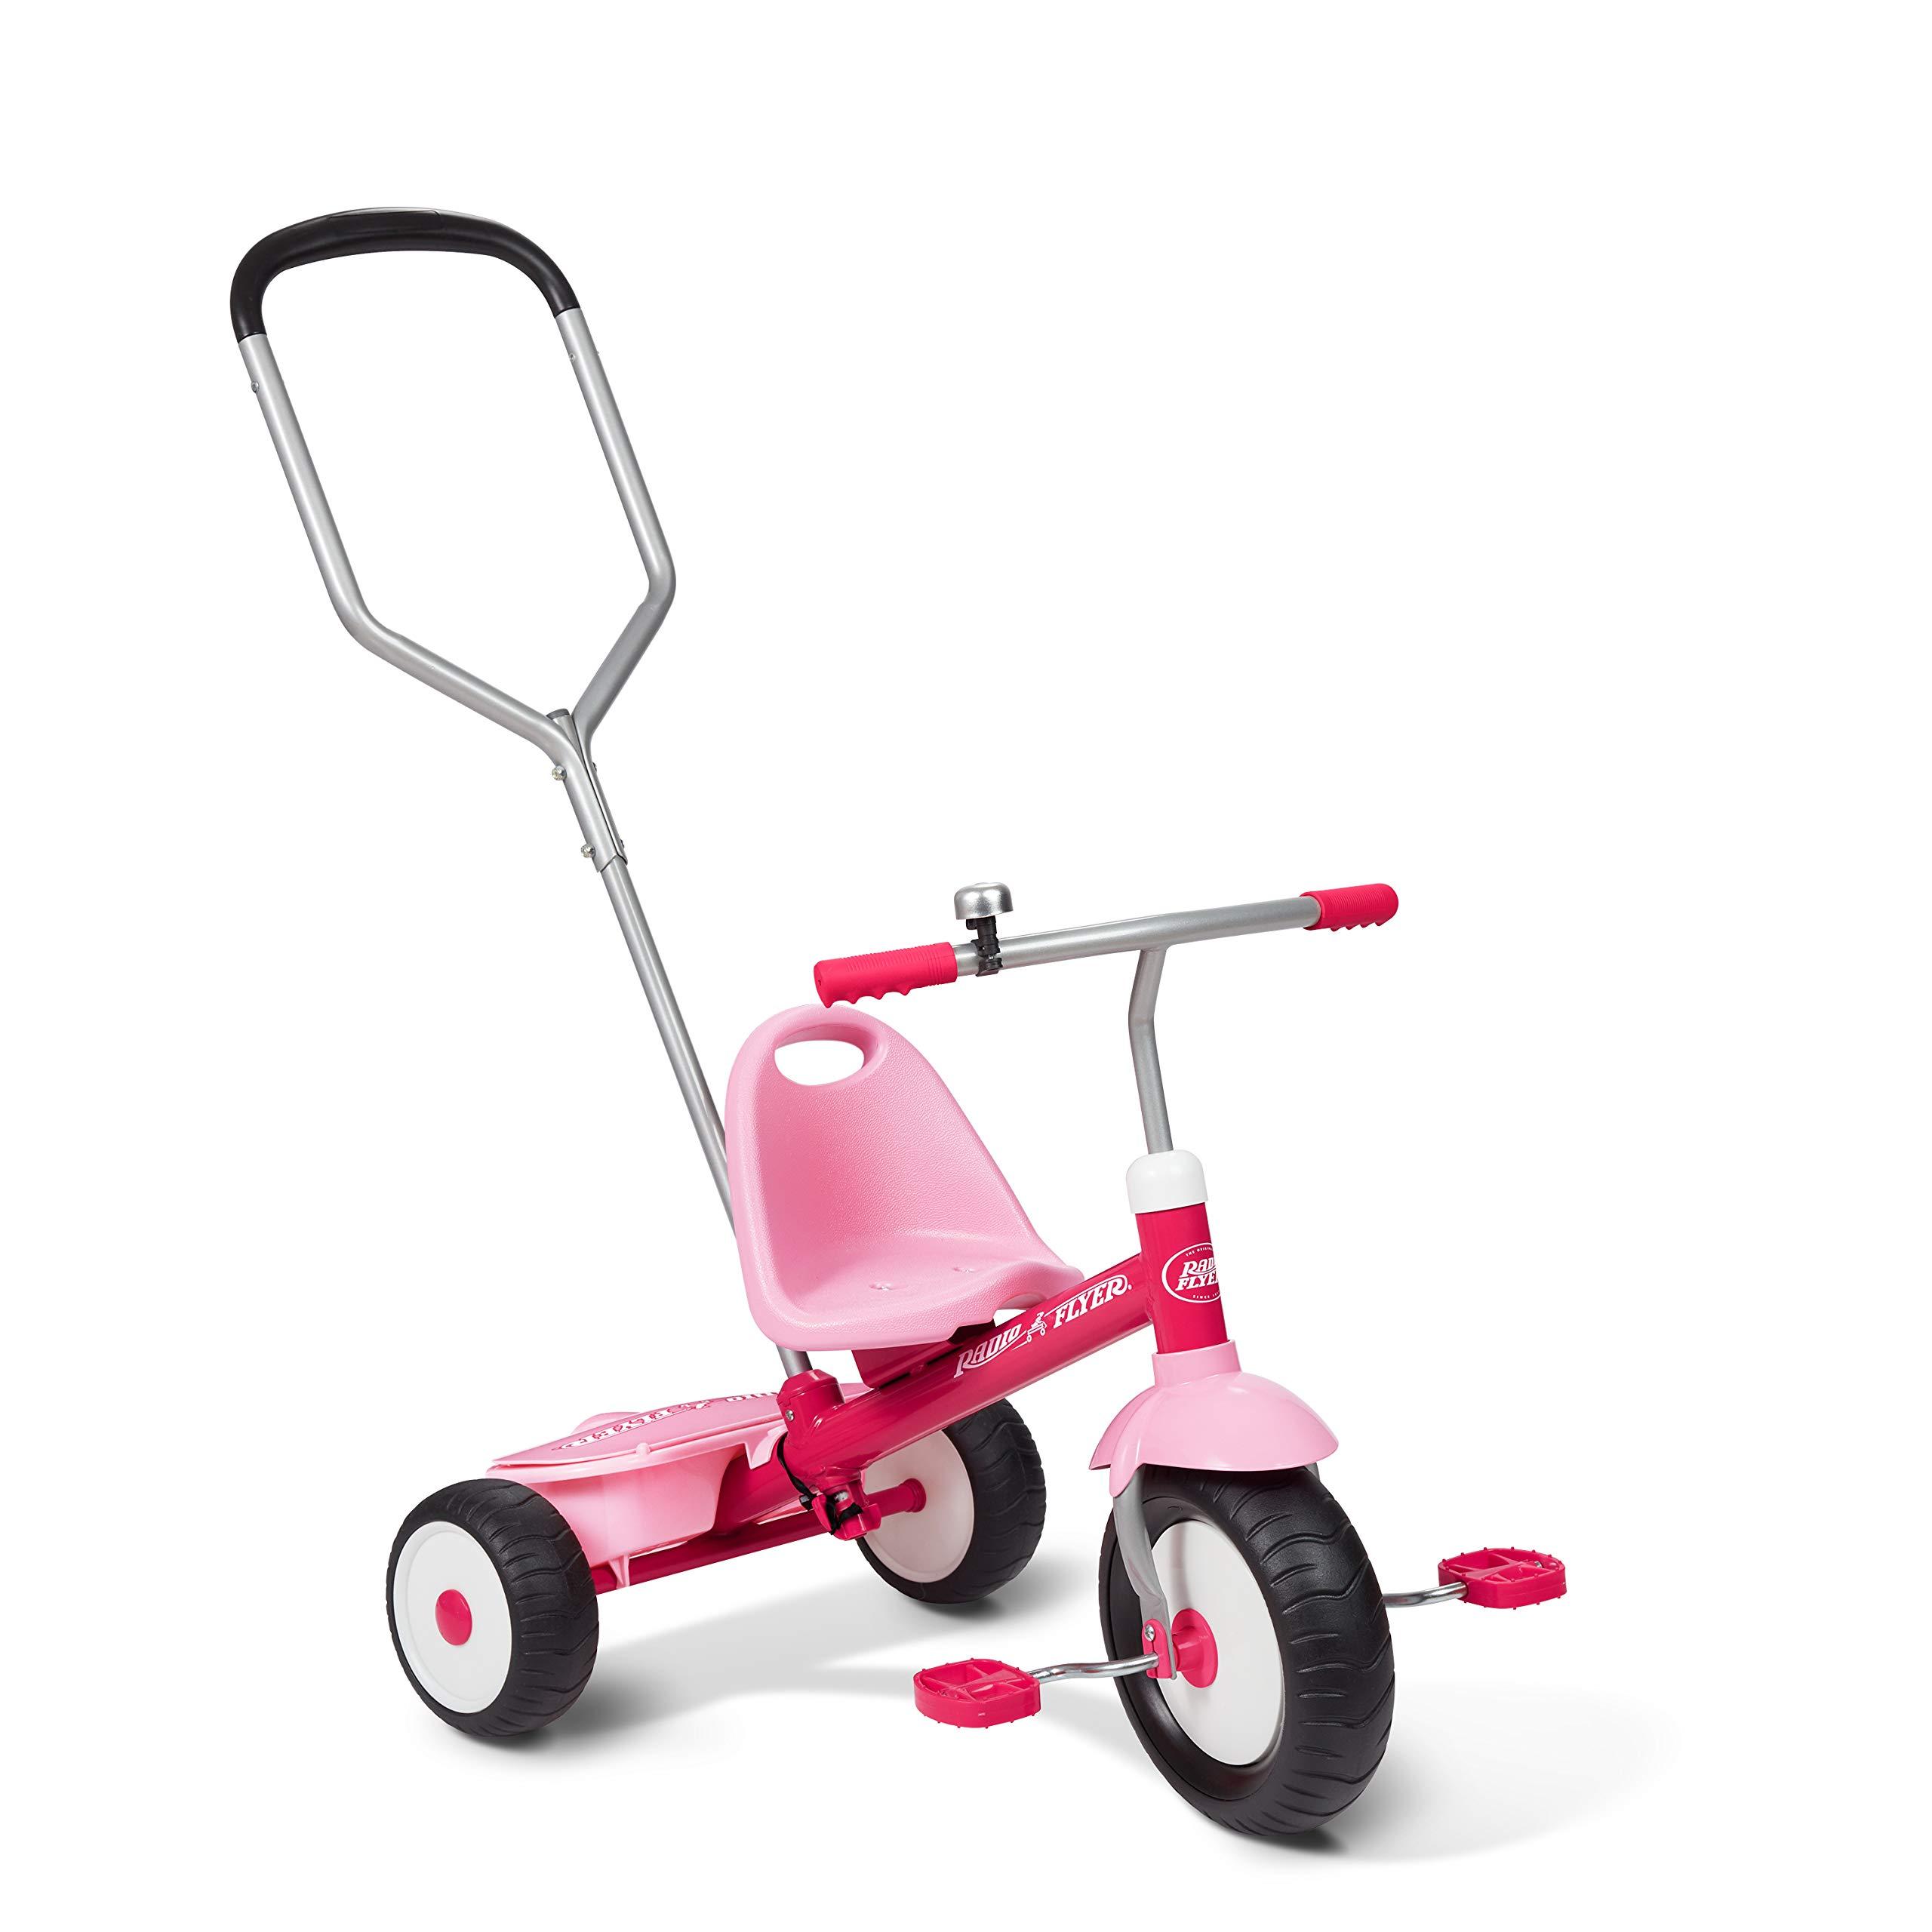 Radio Flyer Deluxe Steer & Stroll Trike, Pink